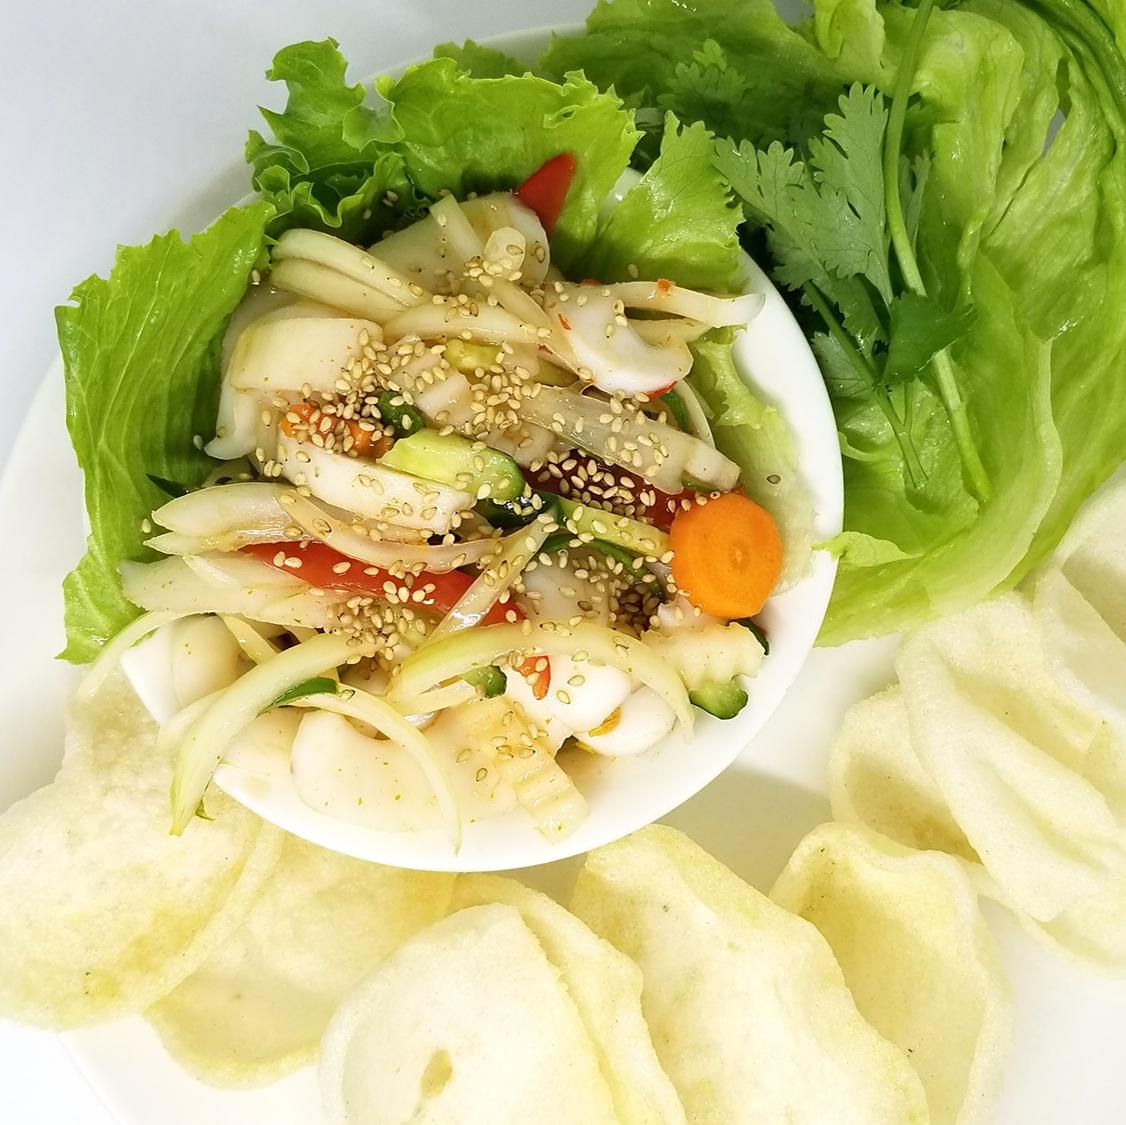 海鮮と春雨サラダ/辛酸っぱいイカサラダ